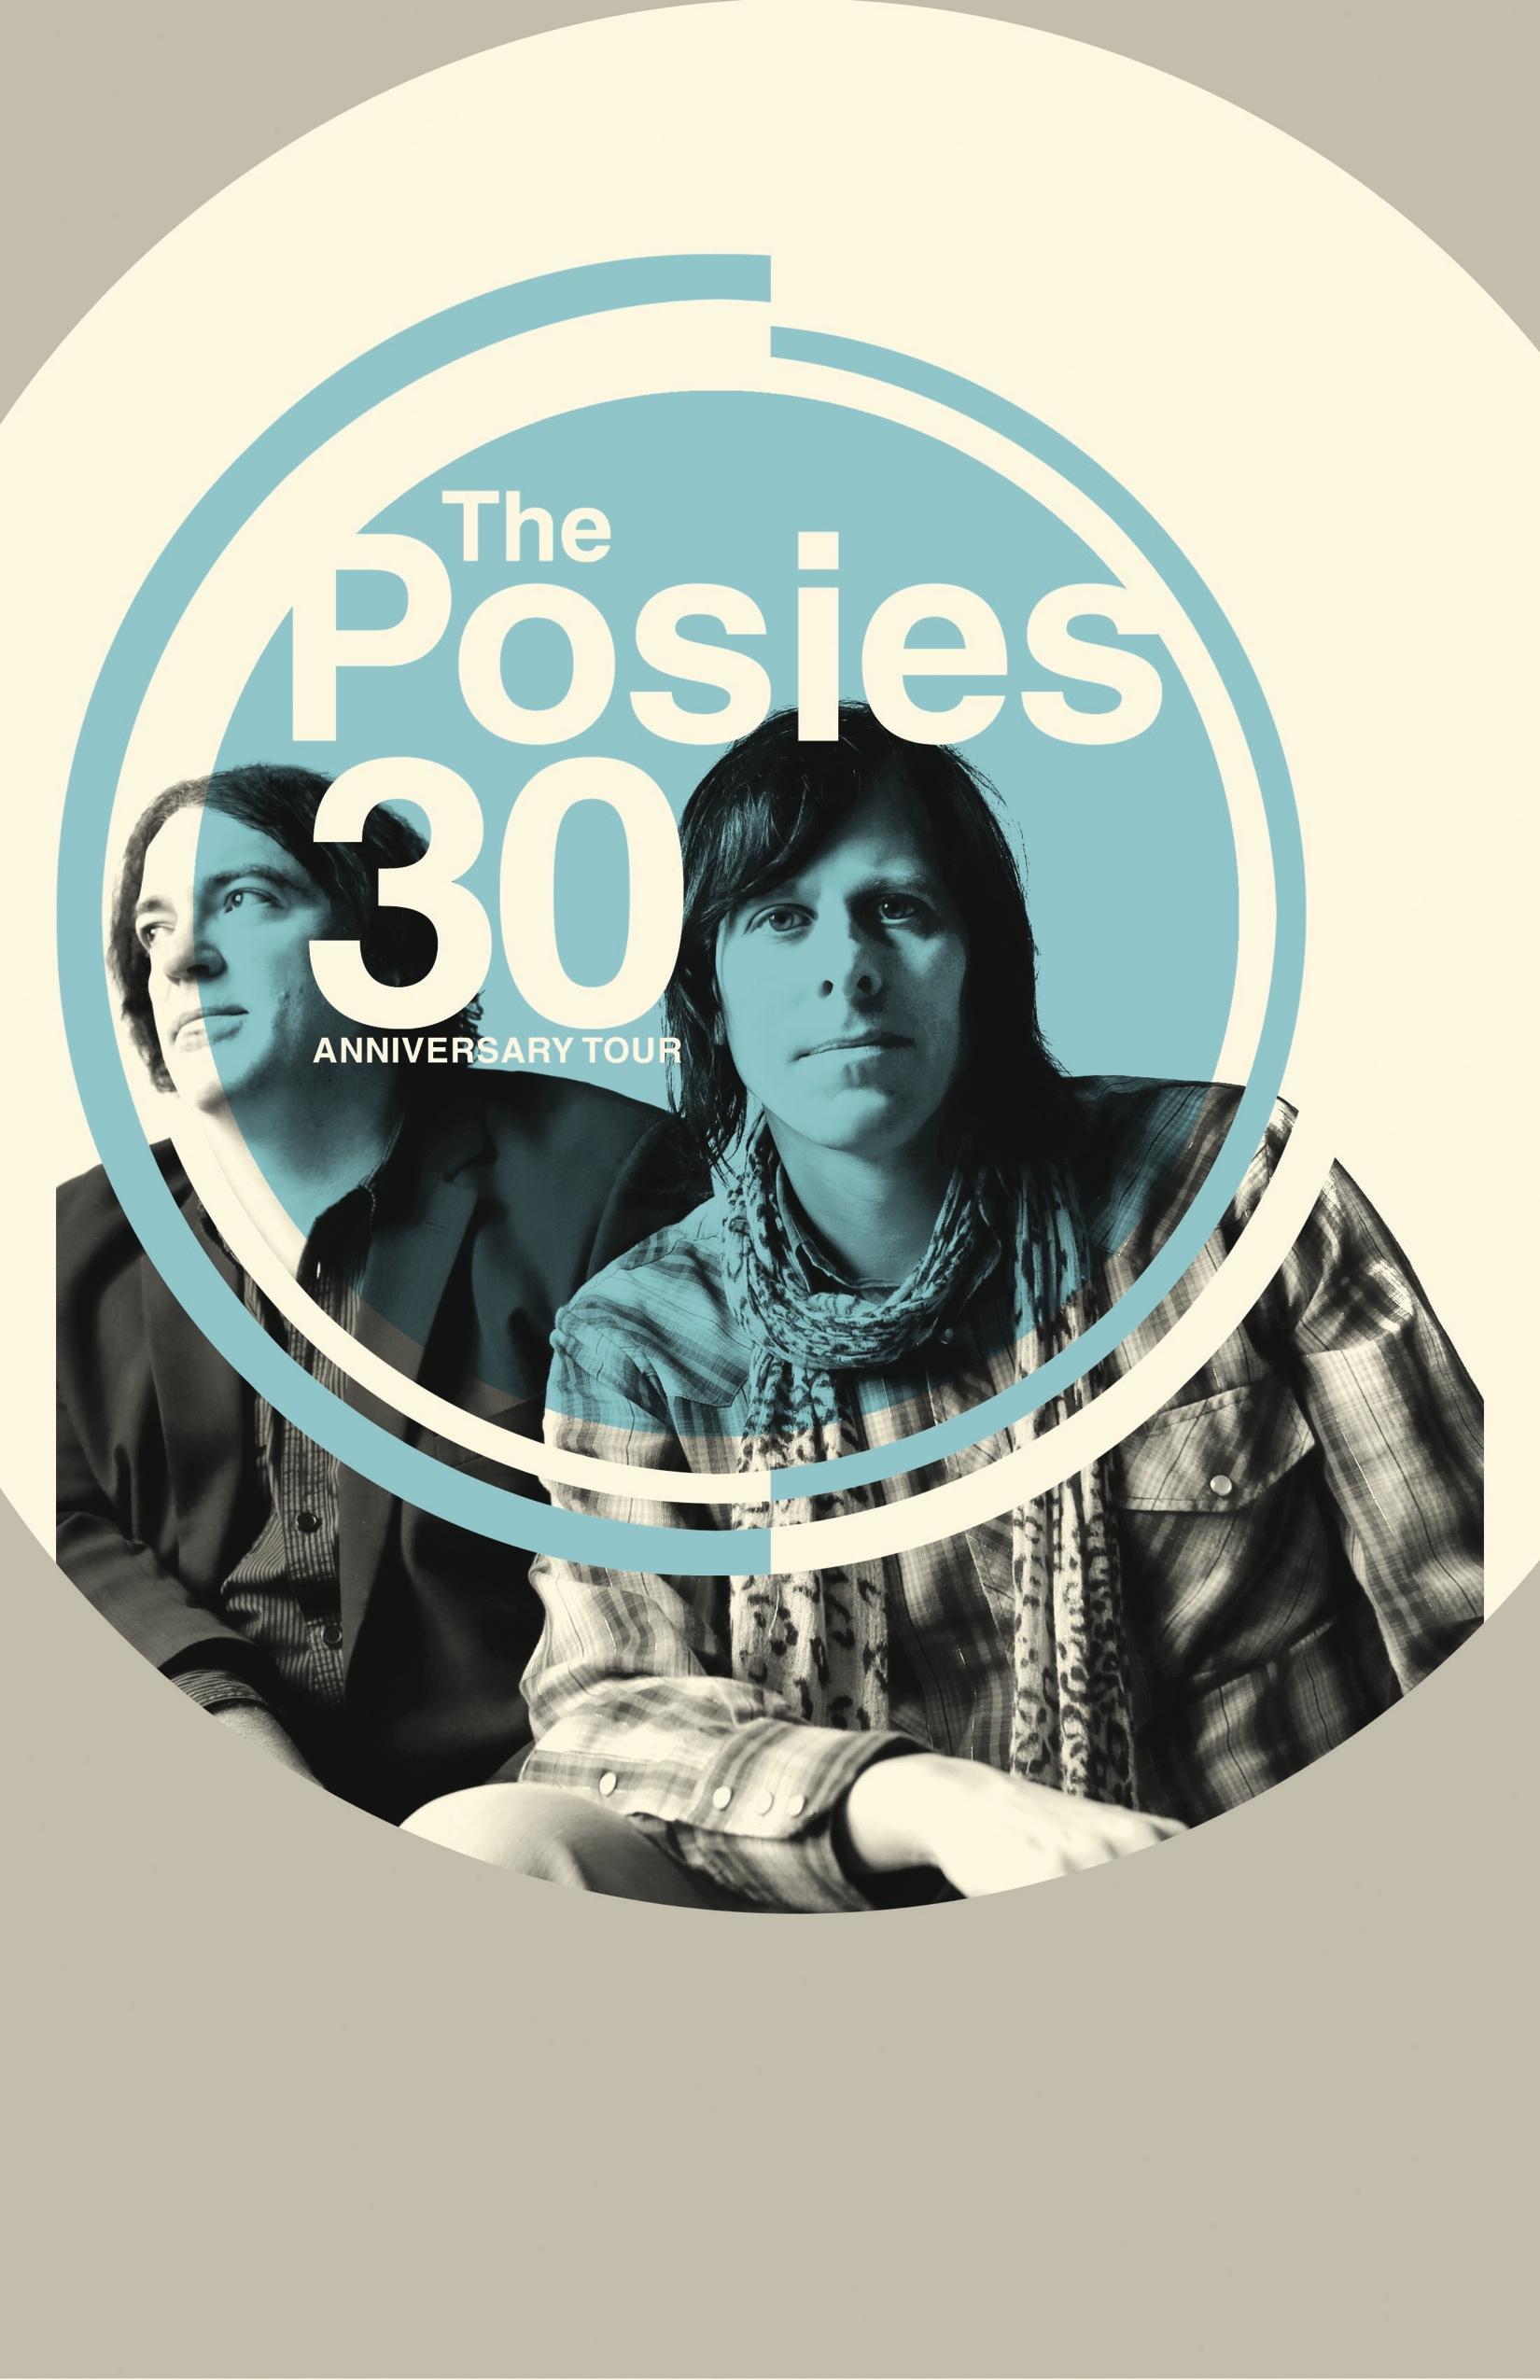 Tour dates – The Posies